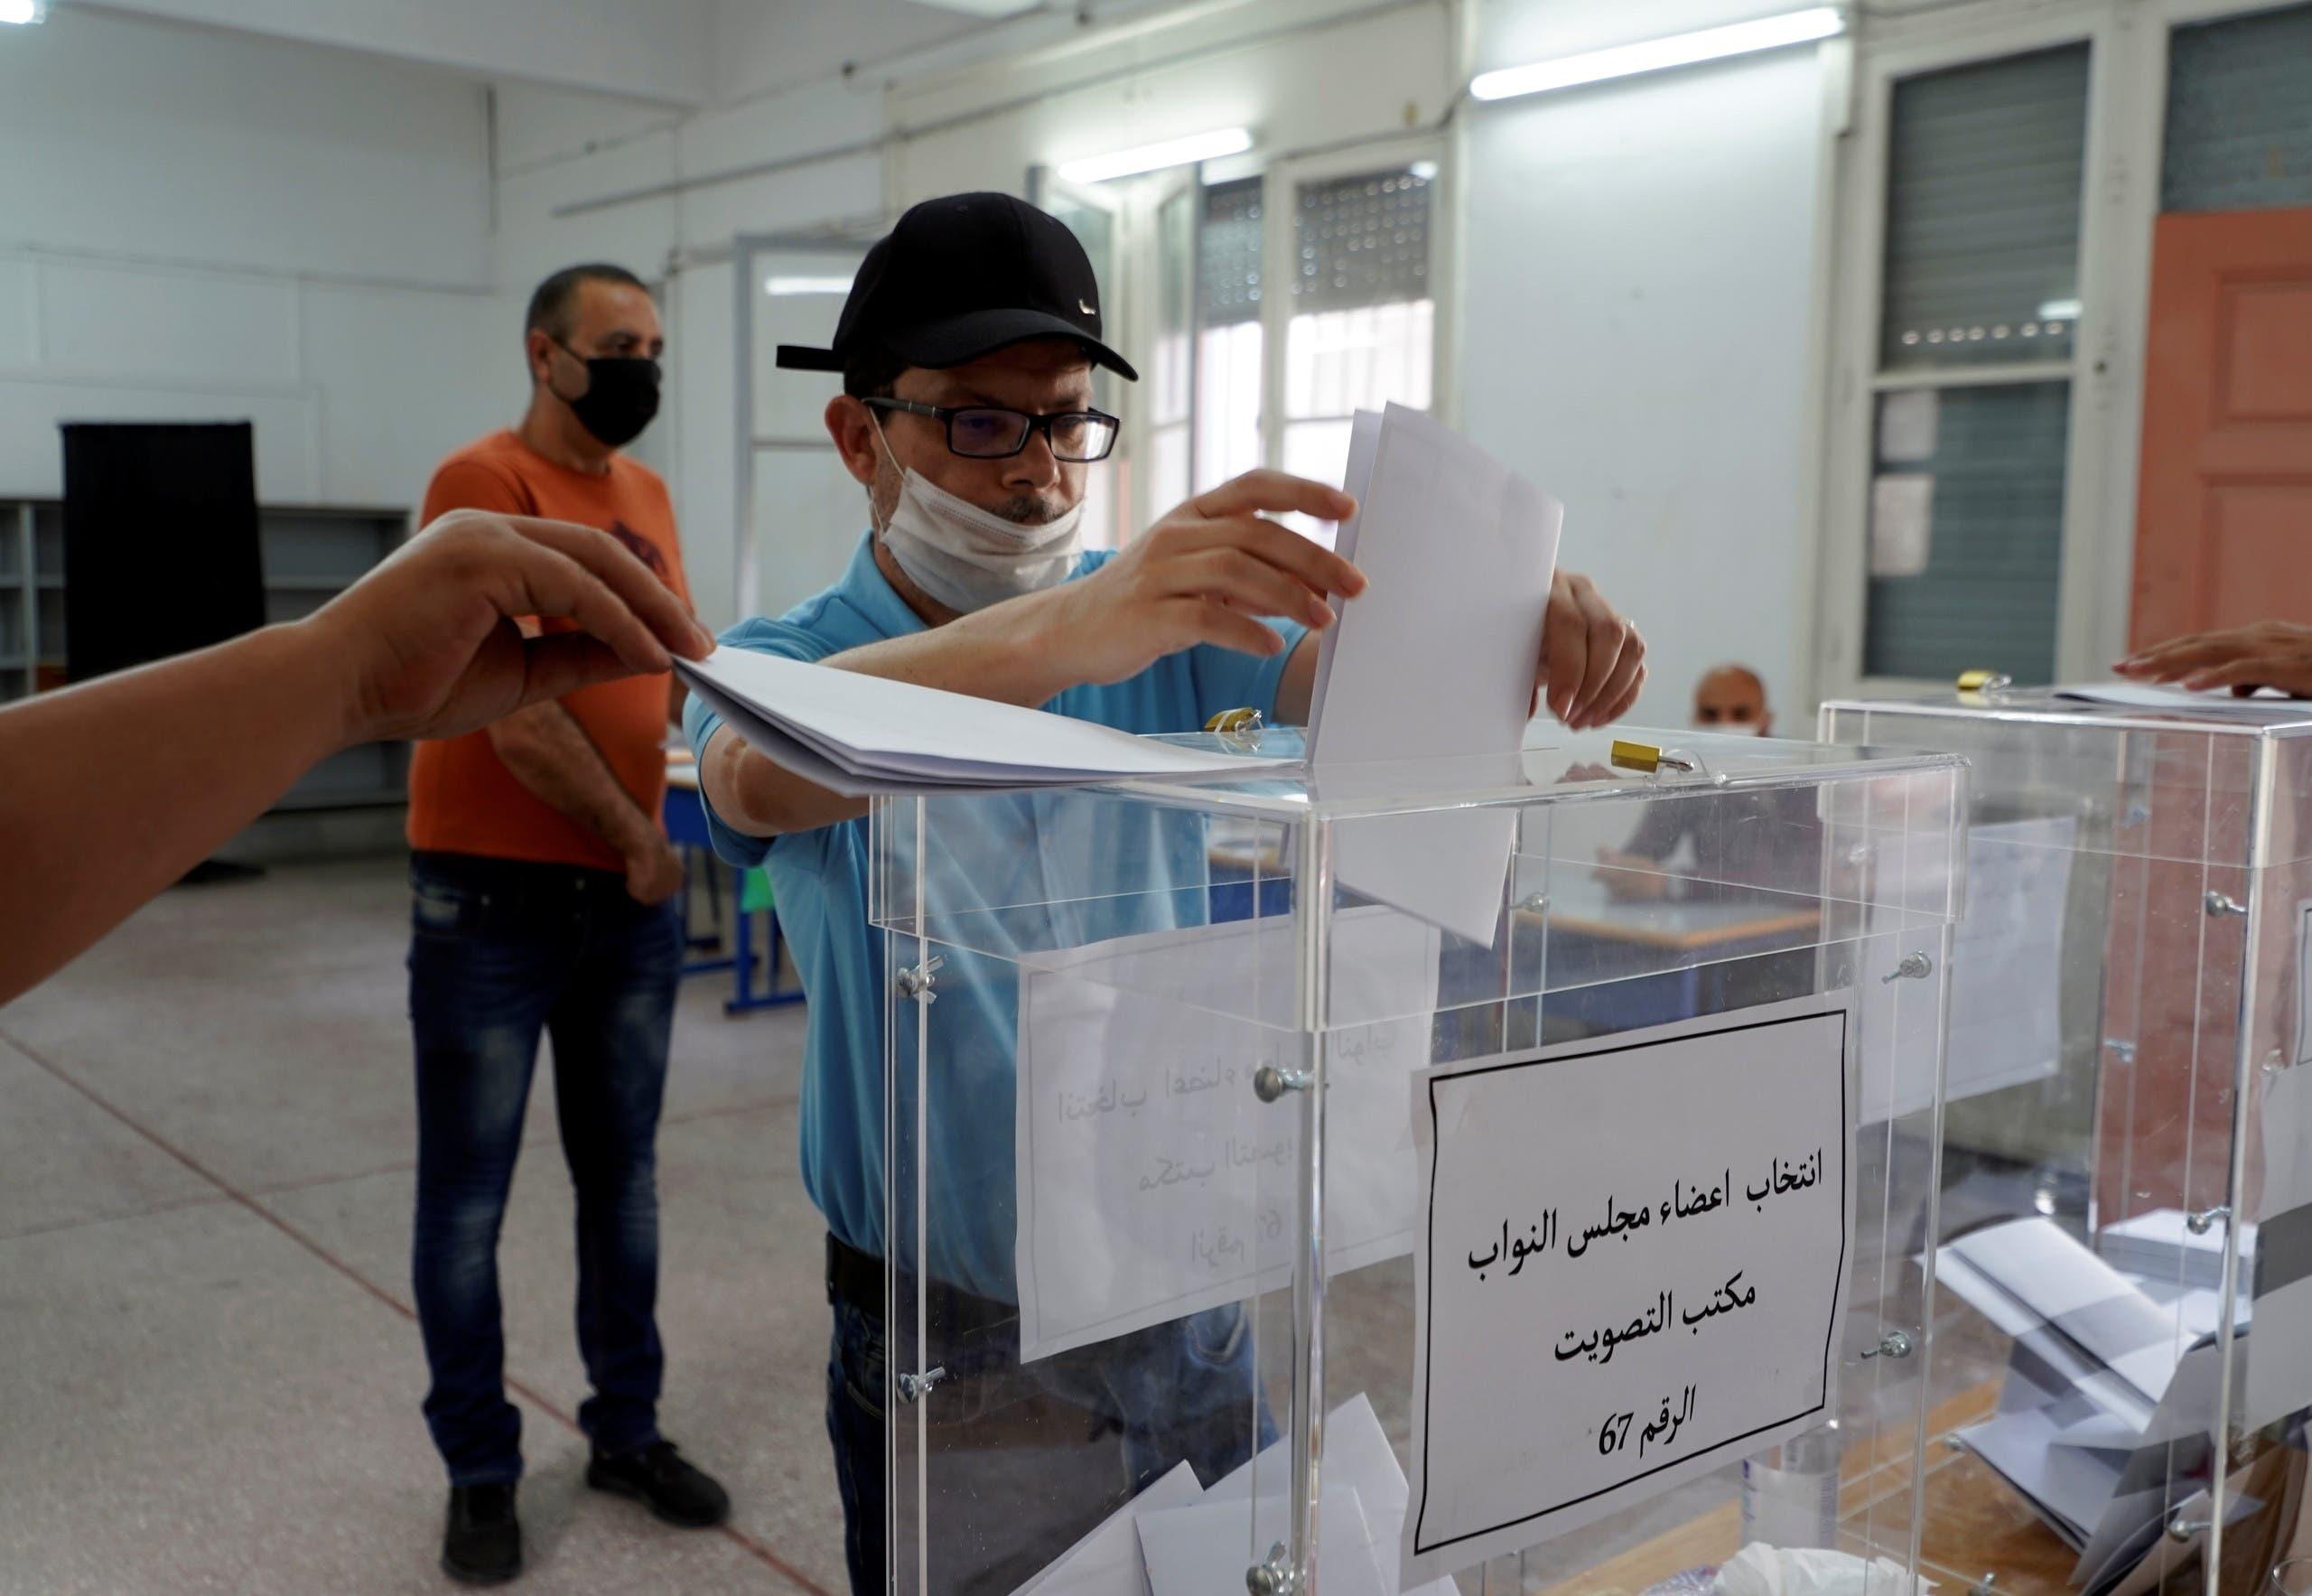 من الانتخابات التشريعية التي شهدها المغرب في سبتمبر الماضي